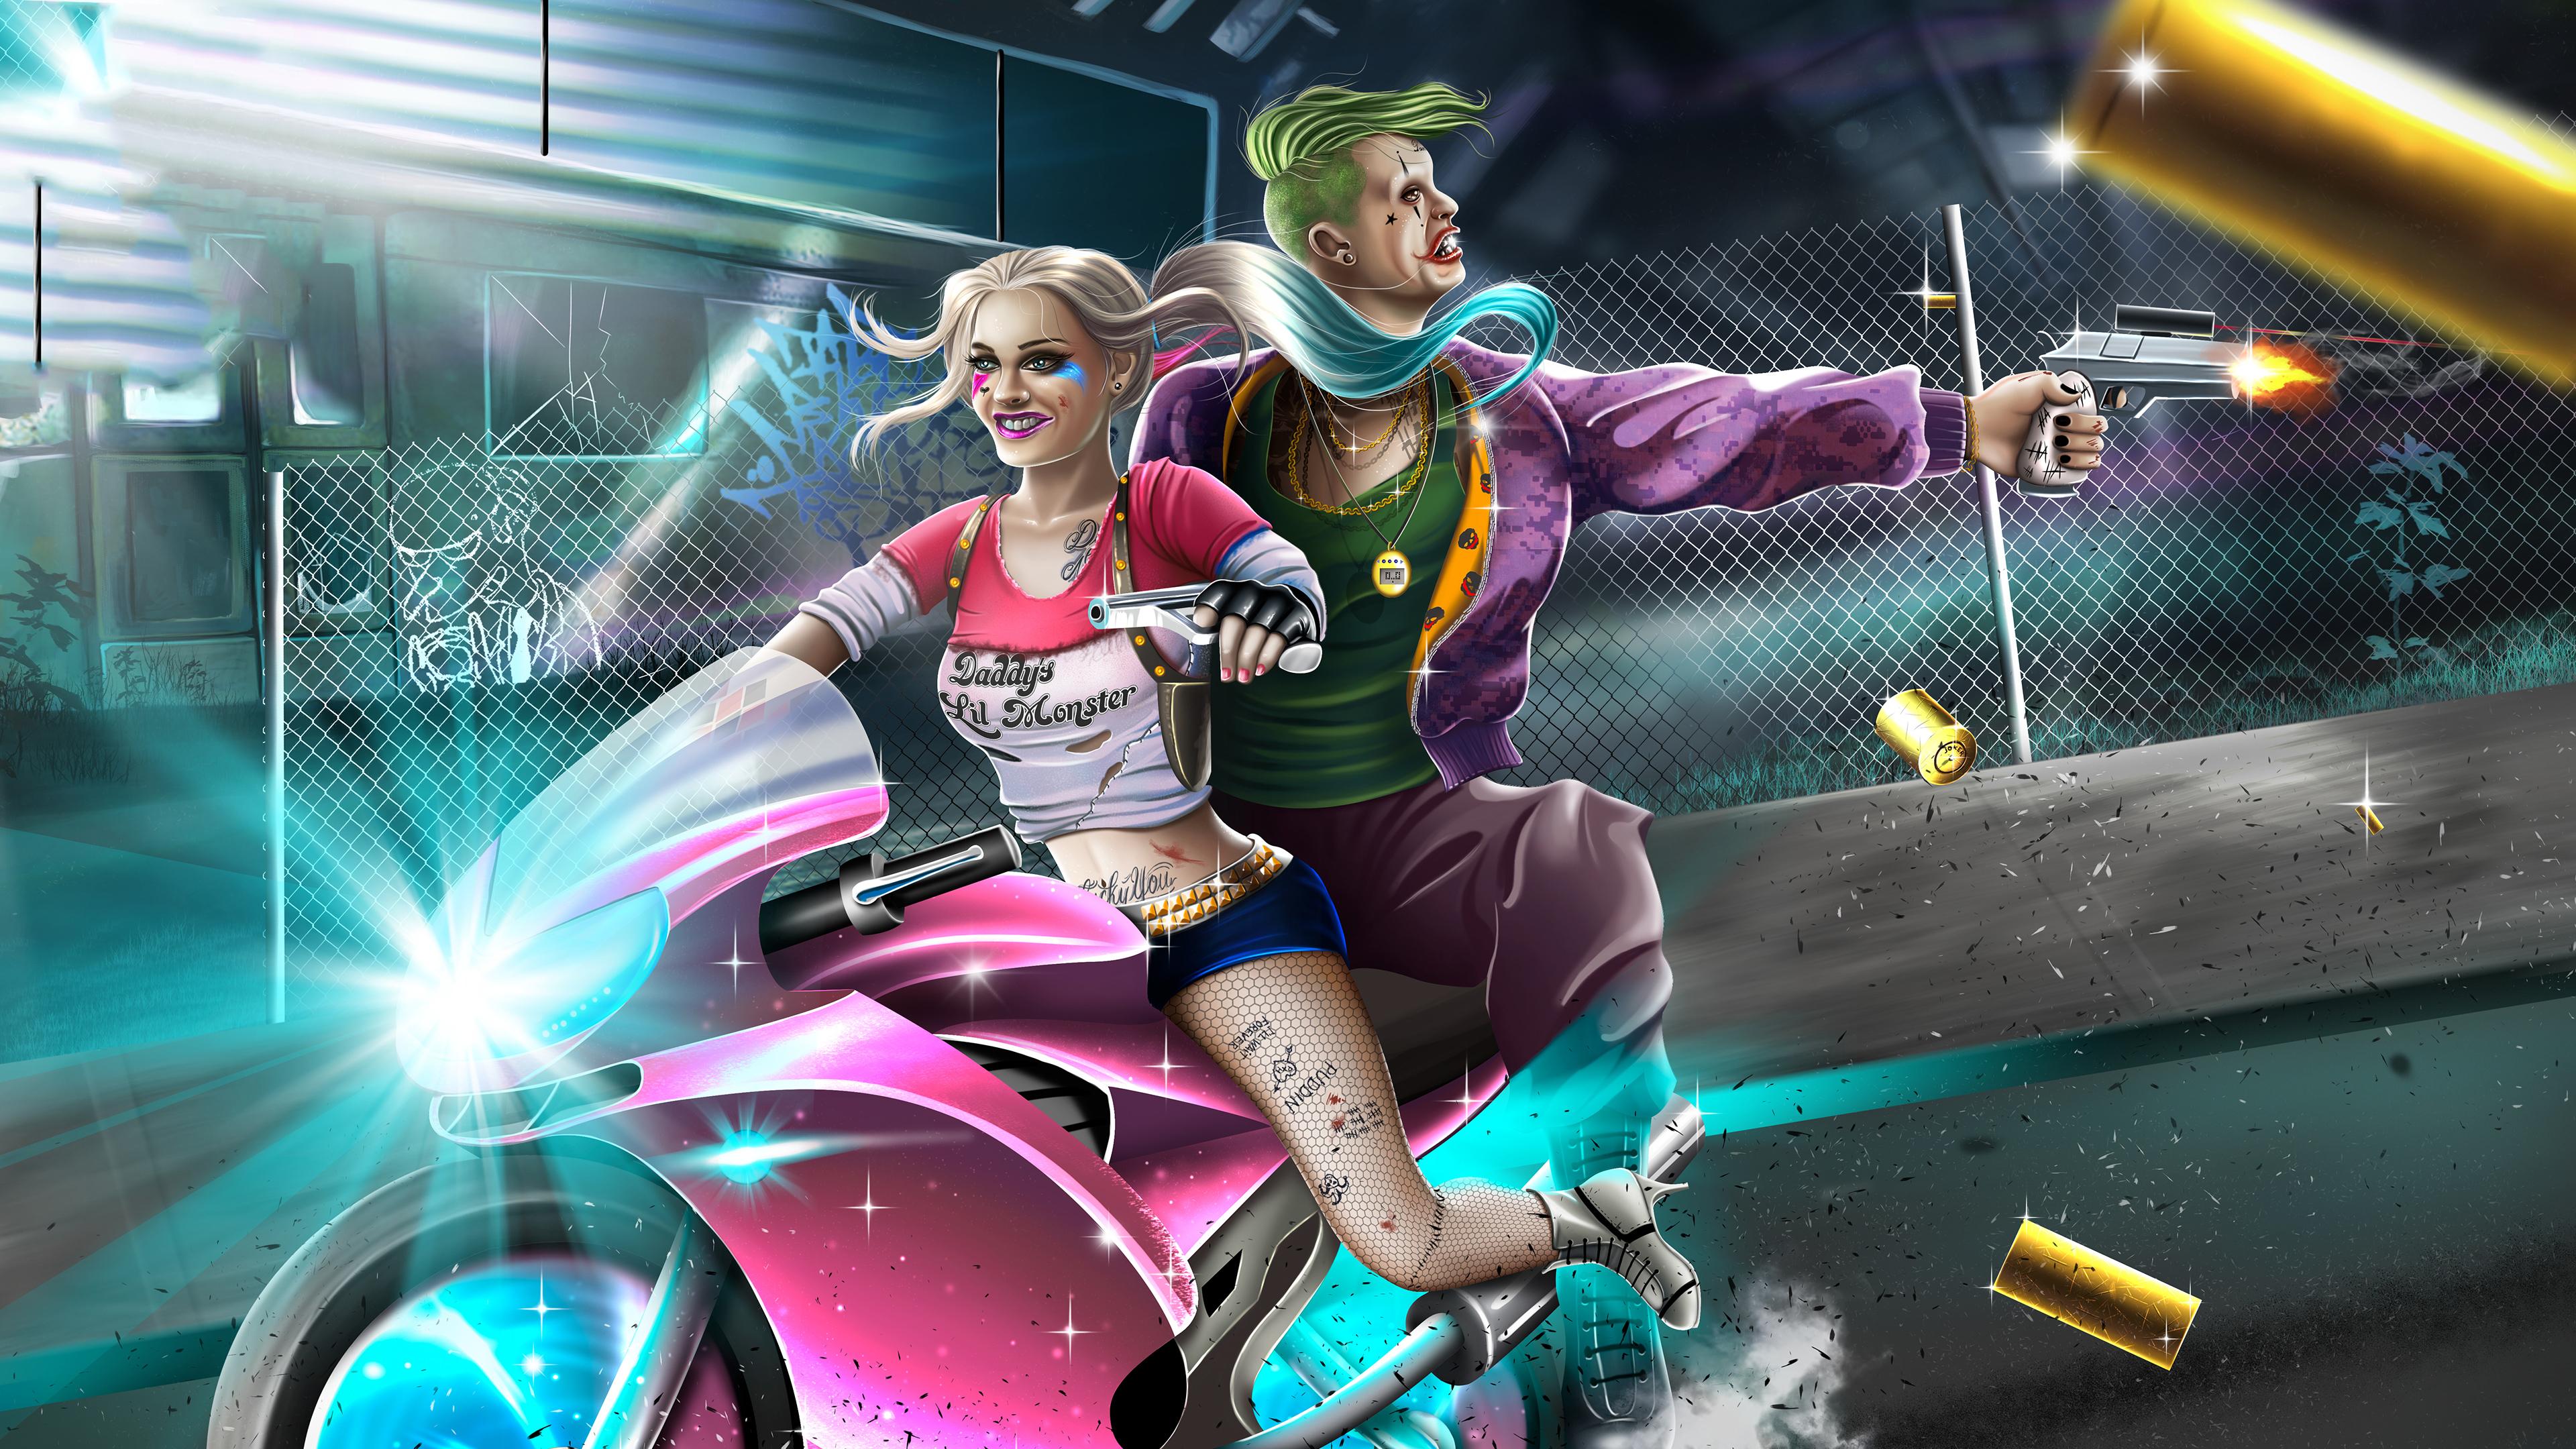 3840x2400 Harley Quinn And Joker 4k 4k HD 4k Wallpapers ...